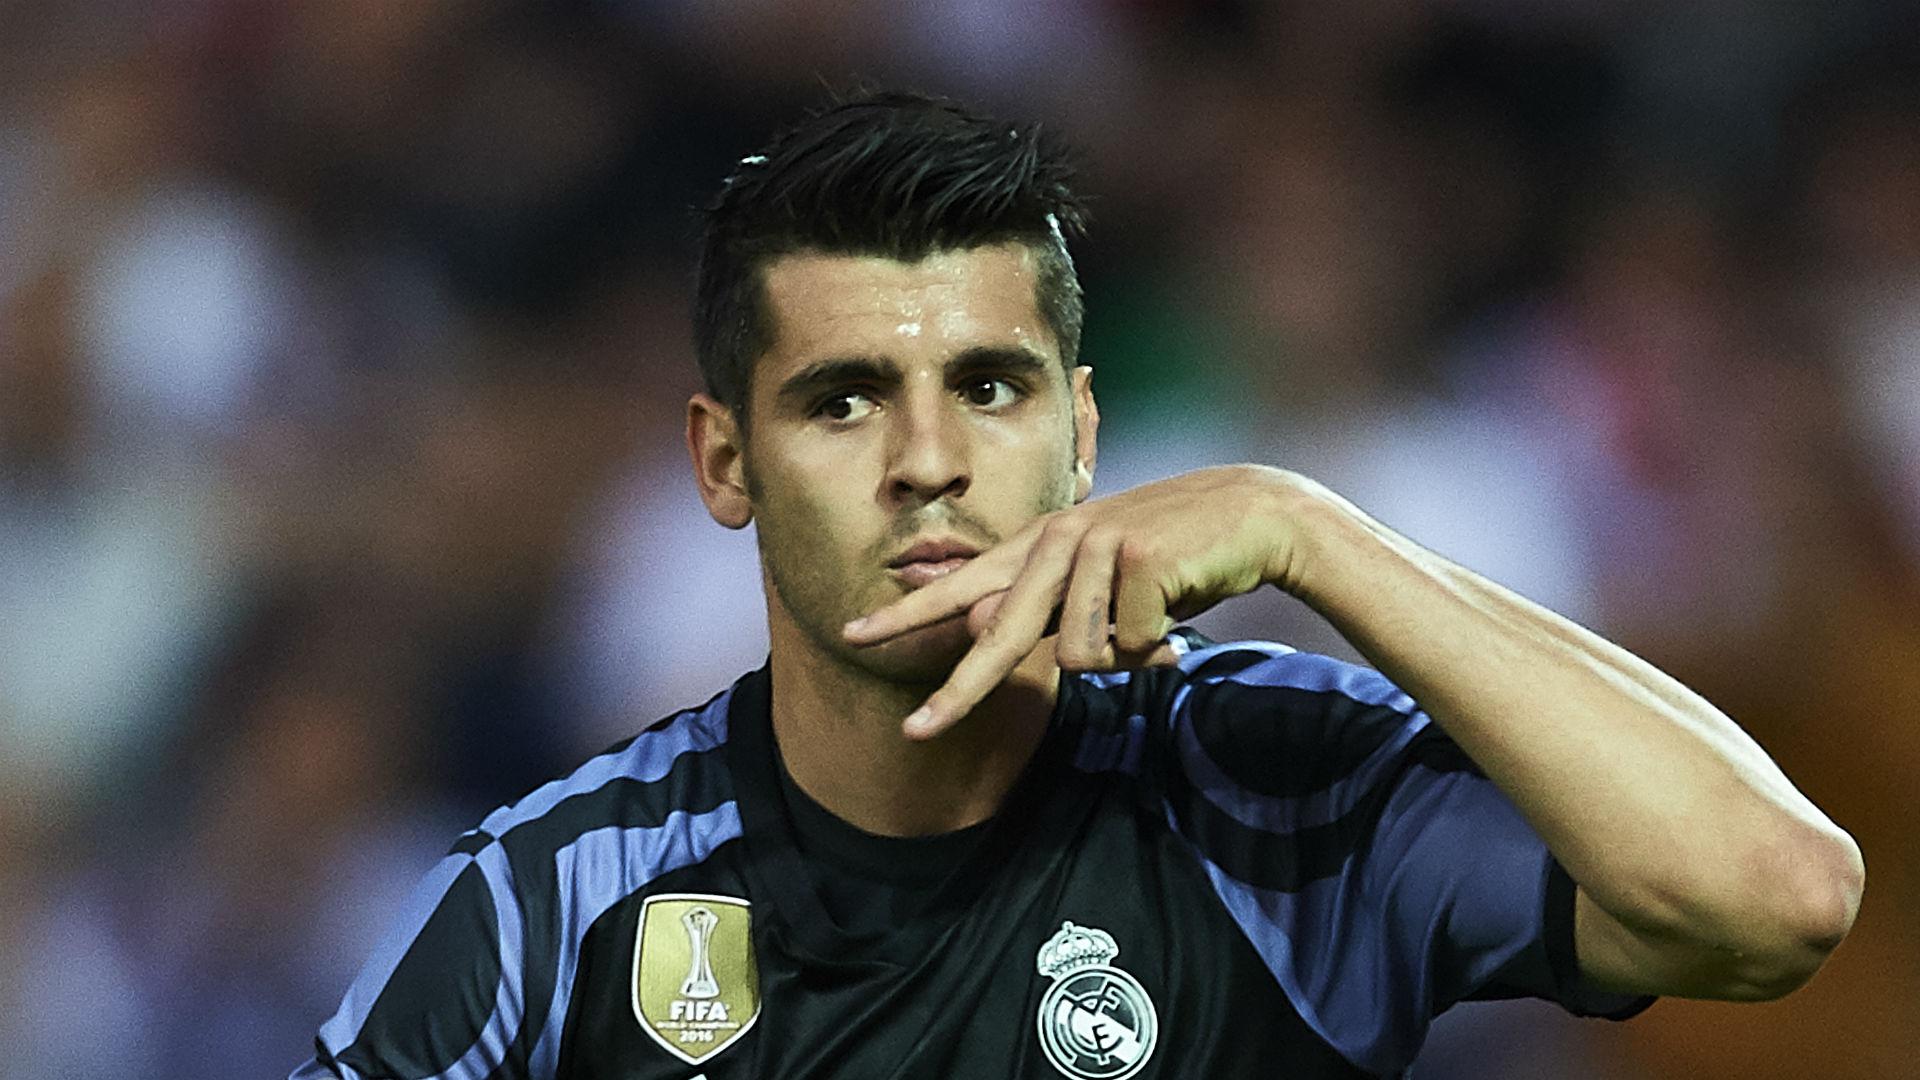 Calciomercato Milan: Morata (quasi) convinto dal progetto rossonero